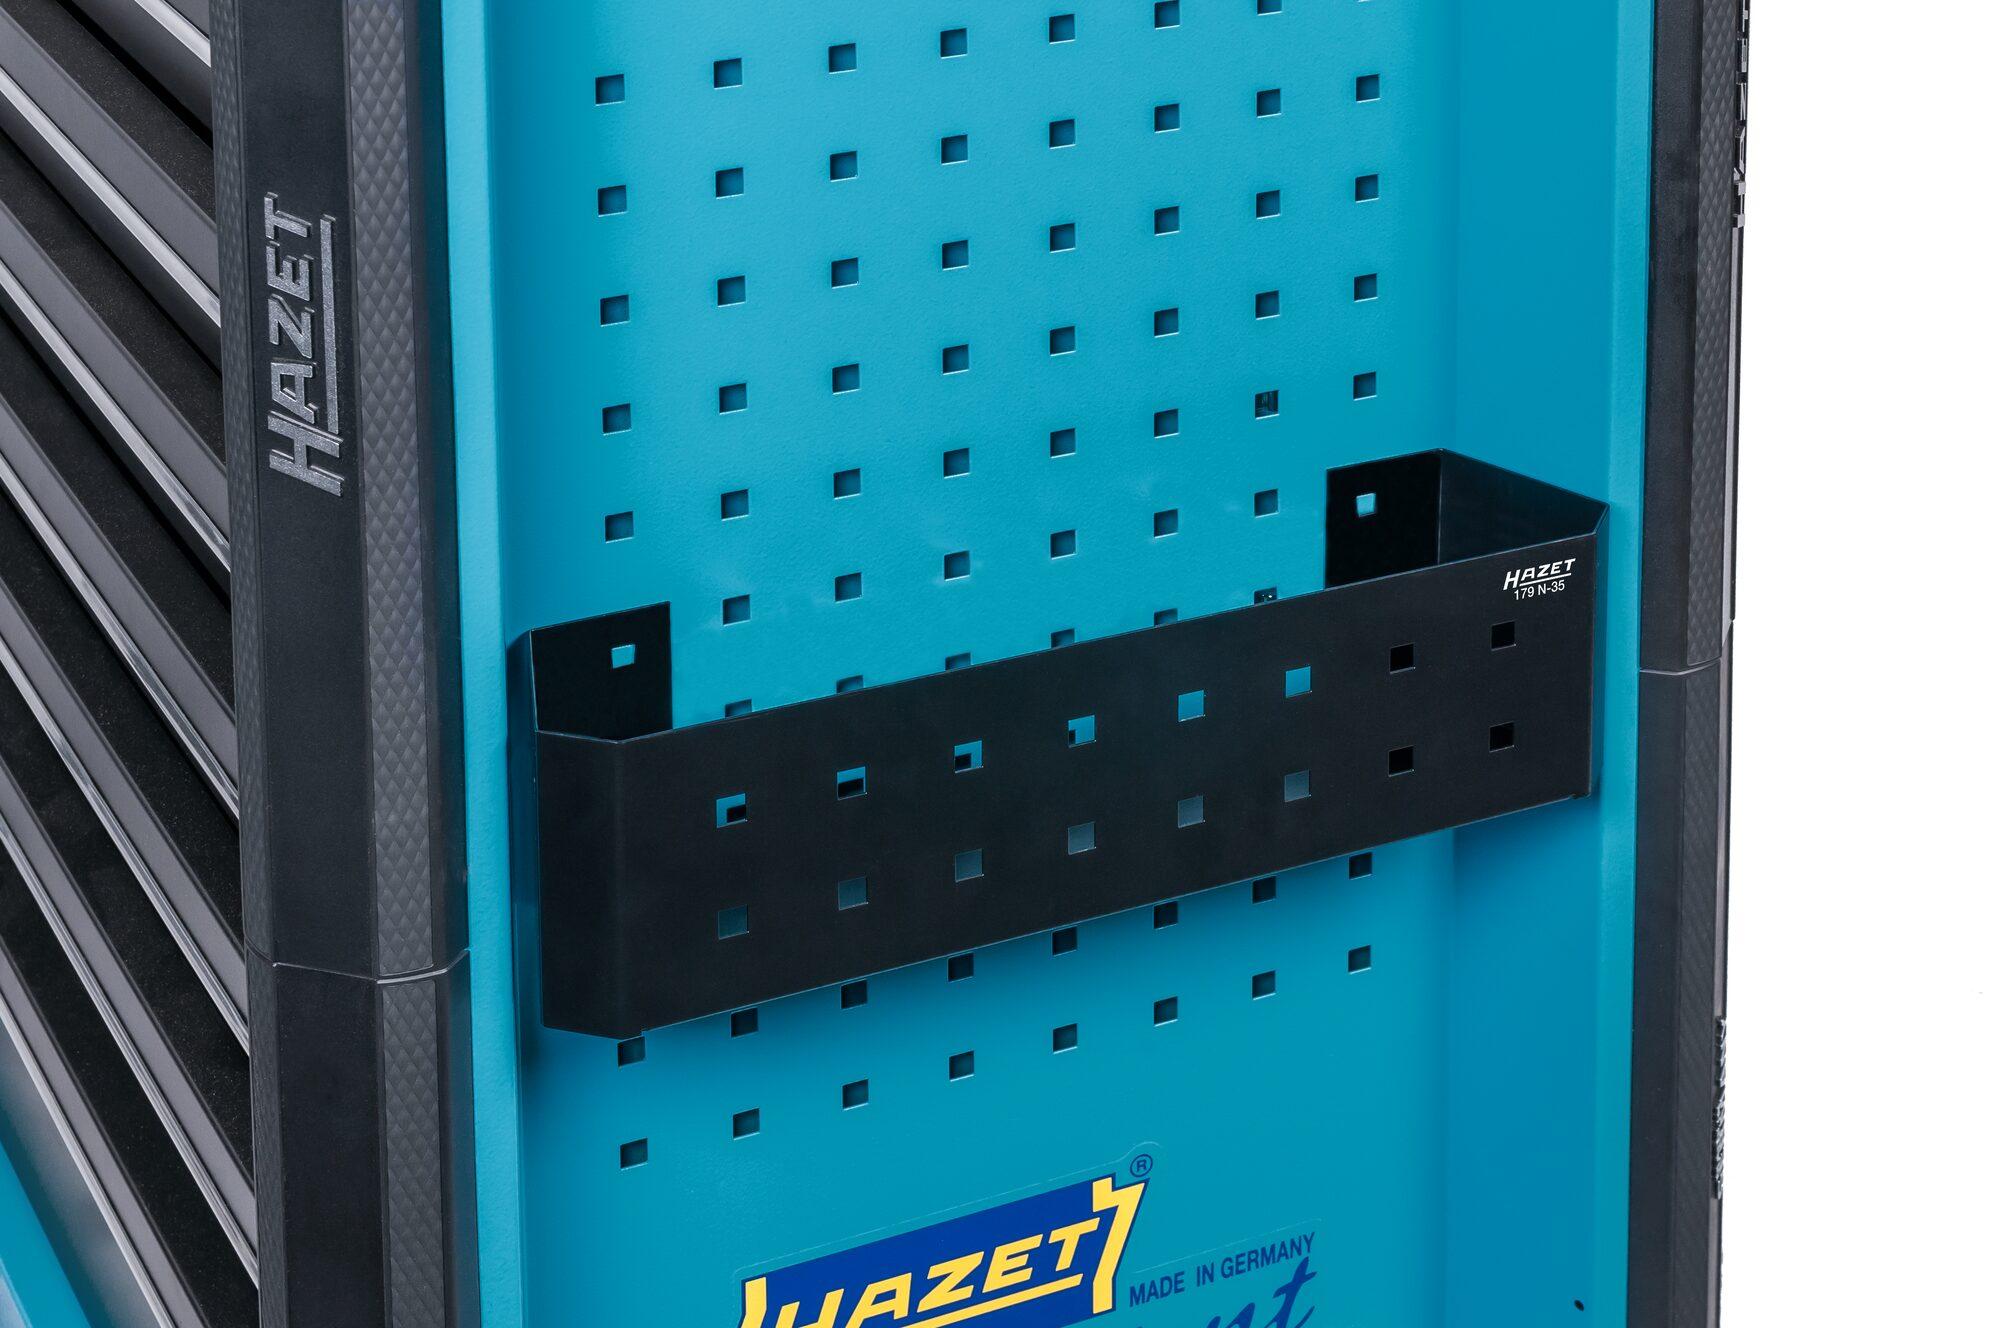 HAZET Dosenhalter 179N-35